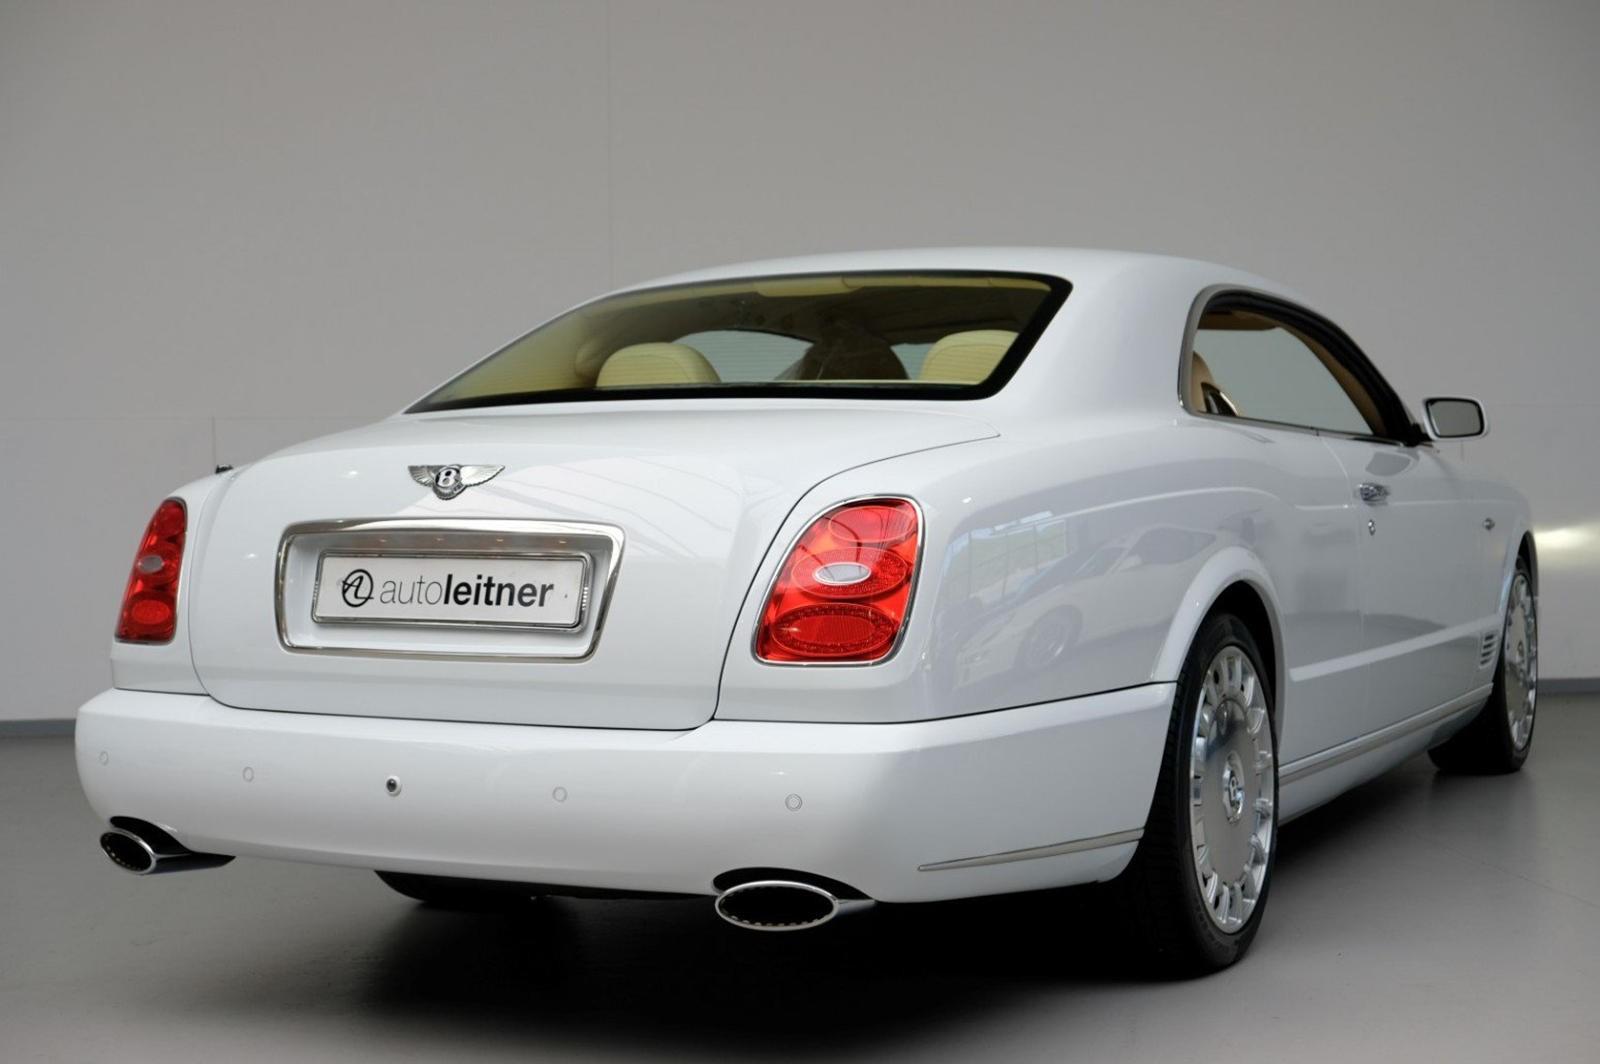 Chiếc Bentley Brooklands hiện đang tìm chủ nhân mới sở hữu bộ cánh ngoại thất trắng muốt